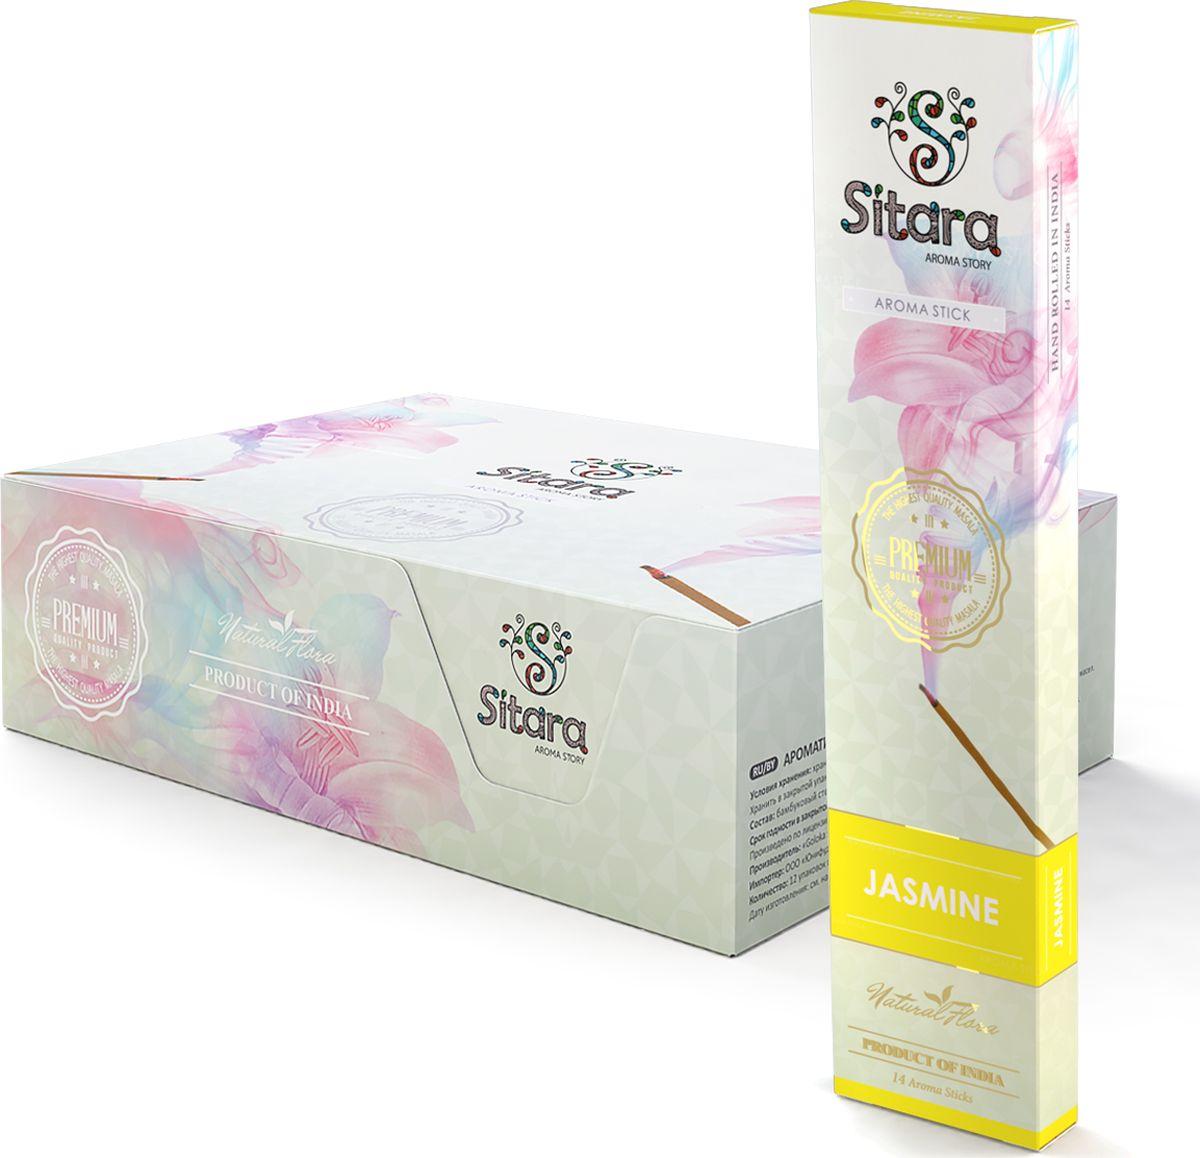 Ароматические палочки Sitara Premium Jasmine, 14 палочек10320Изысканный и нежный аромат жасмина ароматических палочек Sitara Premium Jasmine снимает головную боль, повышает жизненный тонус и является отличным антидепрессантом. Способ применения:Поджечь сторону, противоположную бамбуковому основанию. Через несколько секунд после возгорания задуть пламя. Поставить ароматическую палочку в подставку, соблюдая необходимые меры пожарной безопасности.Состав:Бамбуковый стержень (Bamboo rod), натуральный мед (Honey), смола и пудра сандалового дерева (Resin and sandalwood powder), натуральная эссенция эфирных масел (Essential oils)С осторожностью: Людям страдающими заболеваниями дыхательных путей, аллергическими реакциями, при беременности.В блоке 12 пачек.